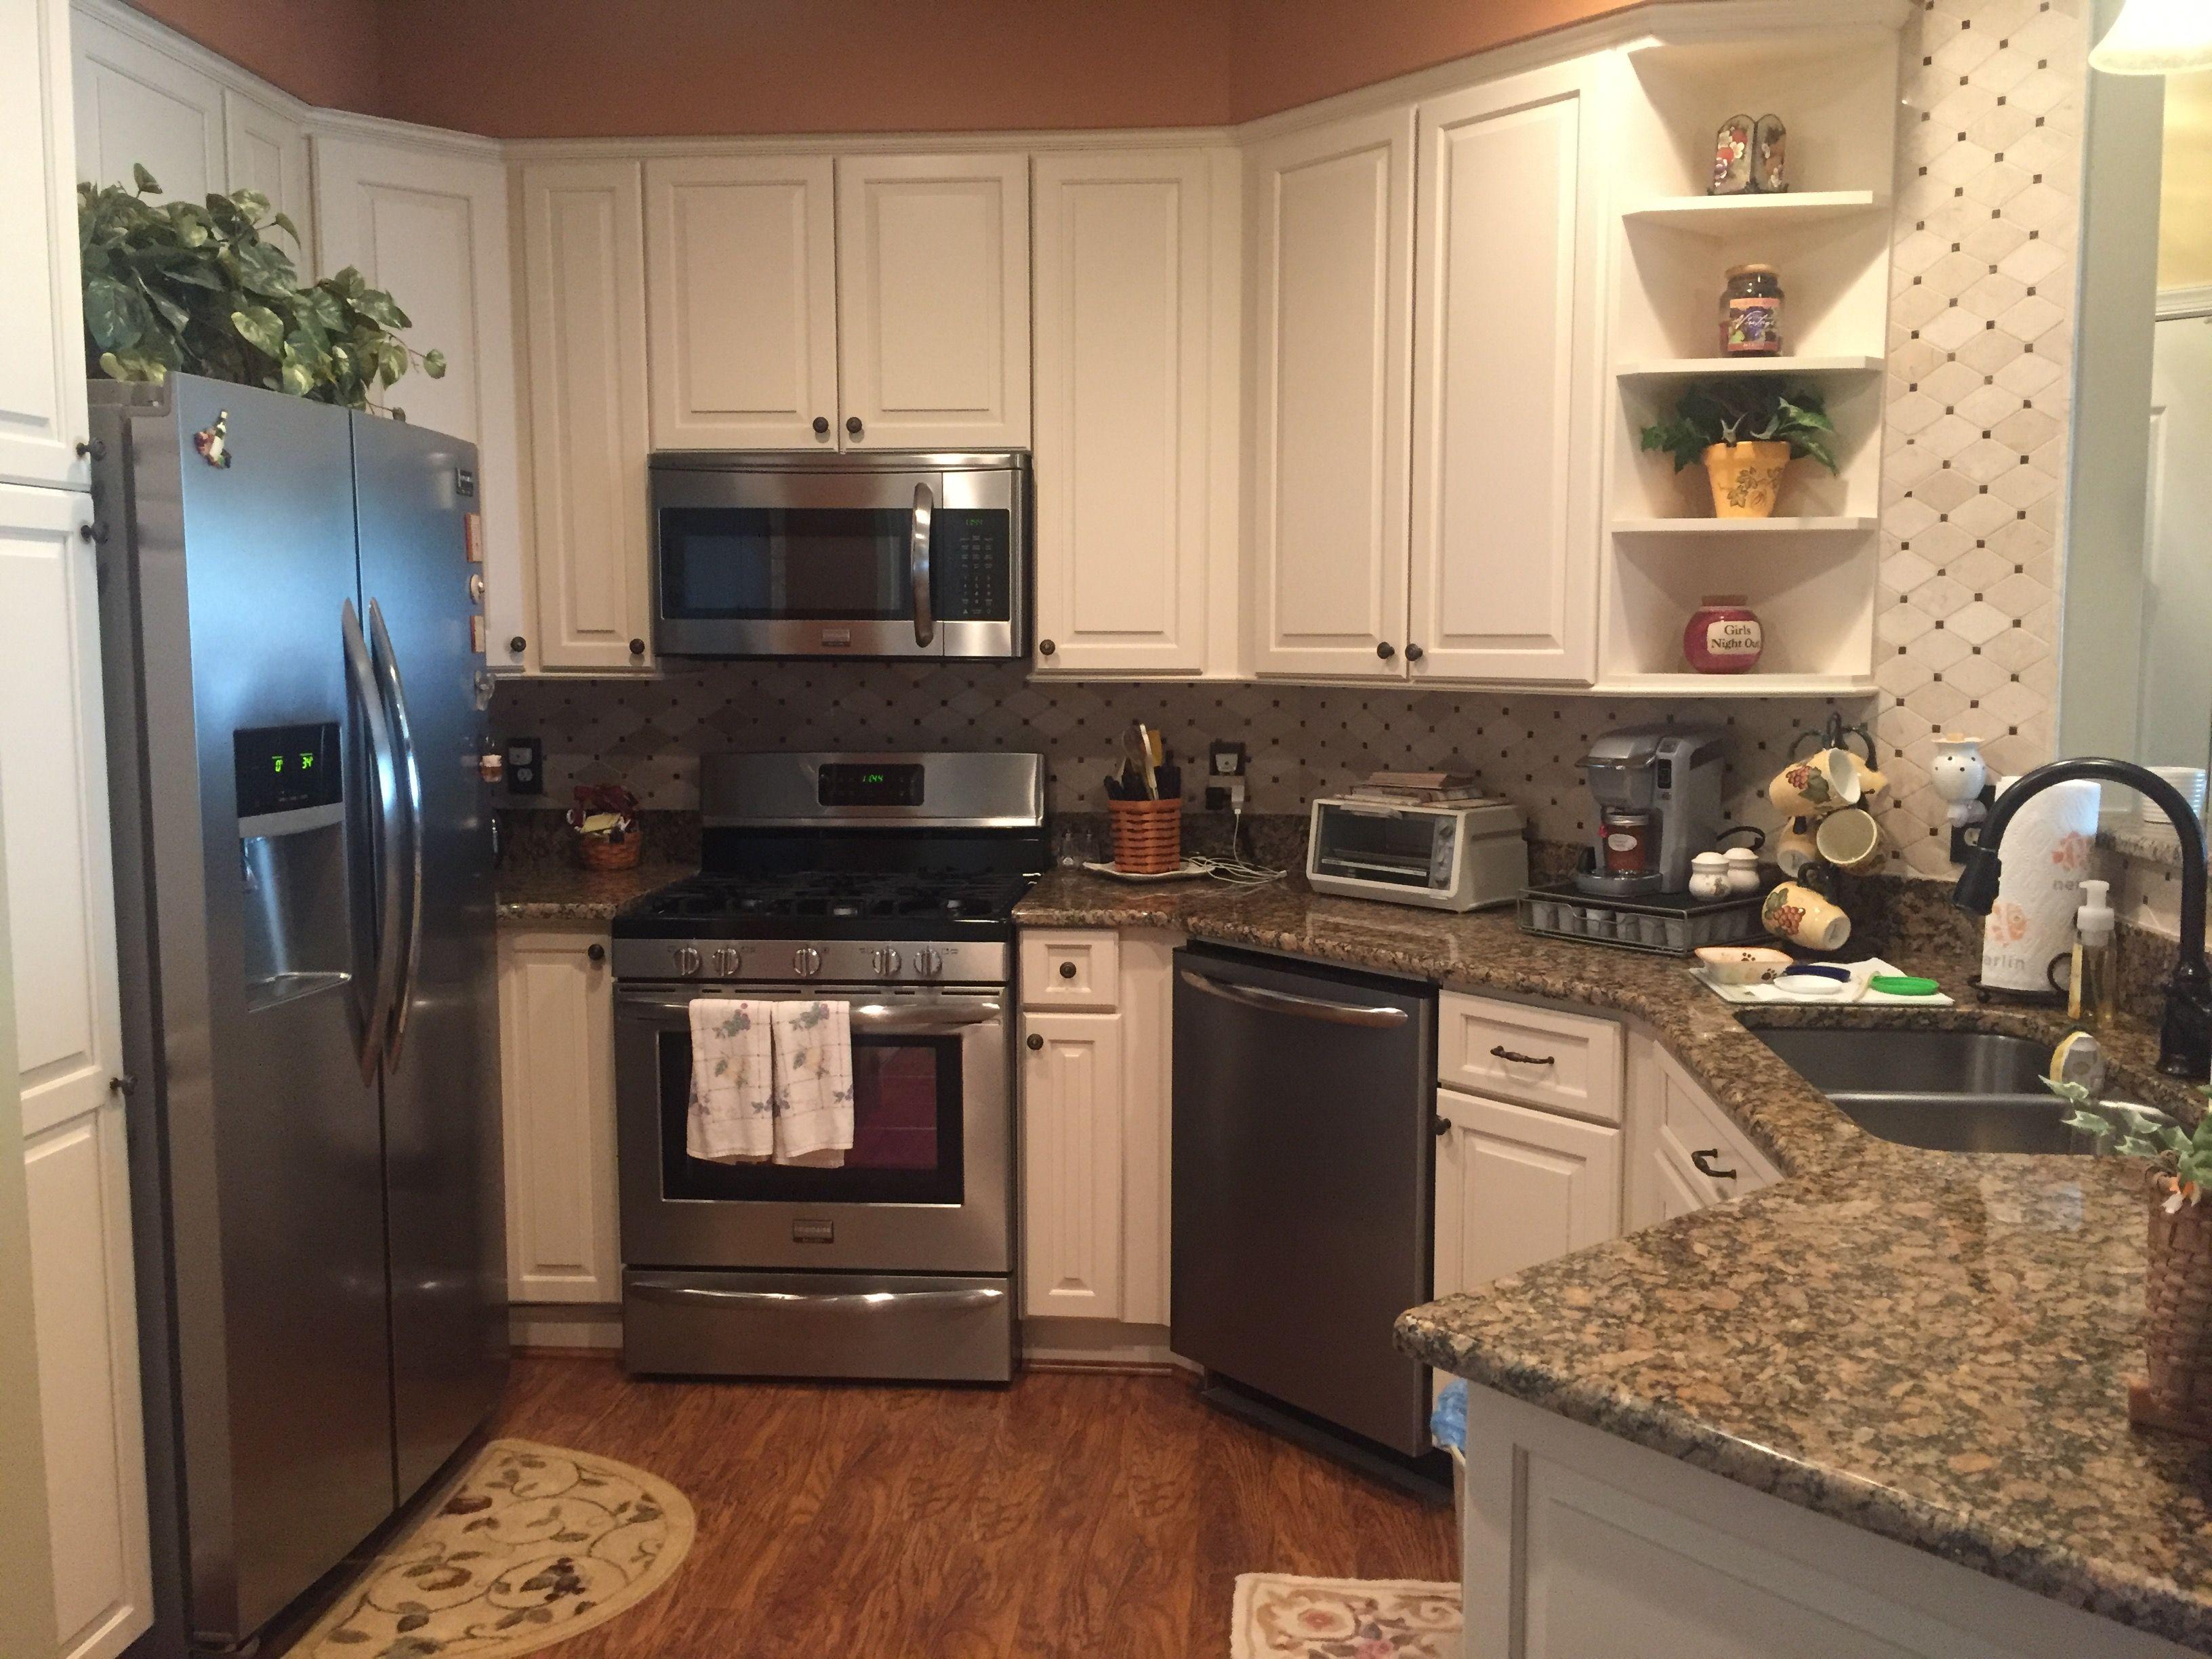 Condo Kitchen Remodel Small Condo Kitchen Remodel Finally Complete Pergo Wood Flooring